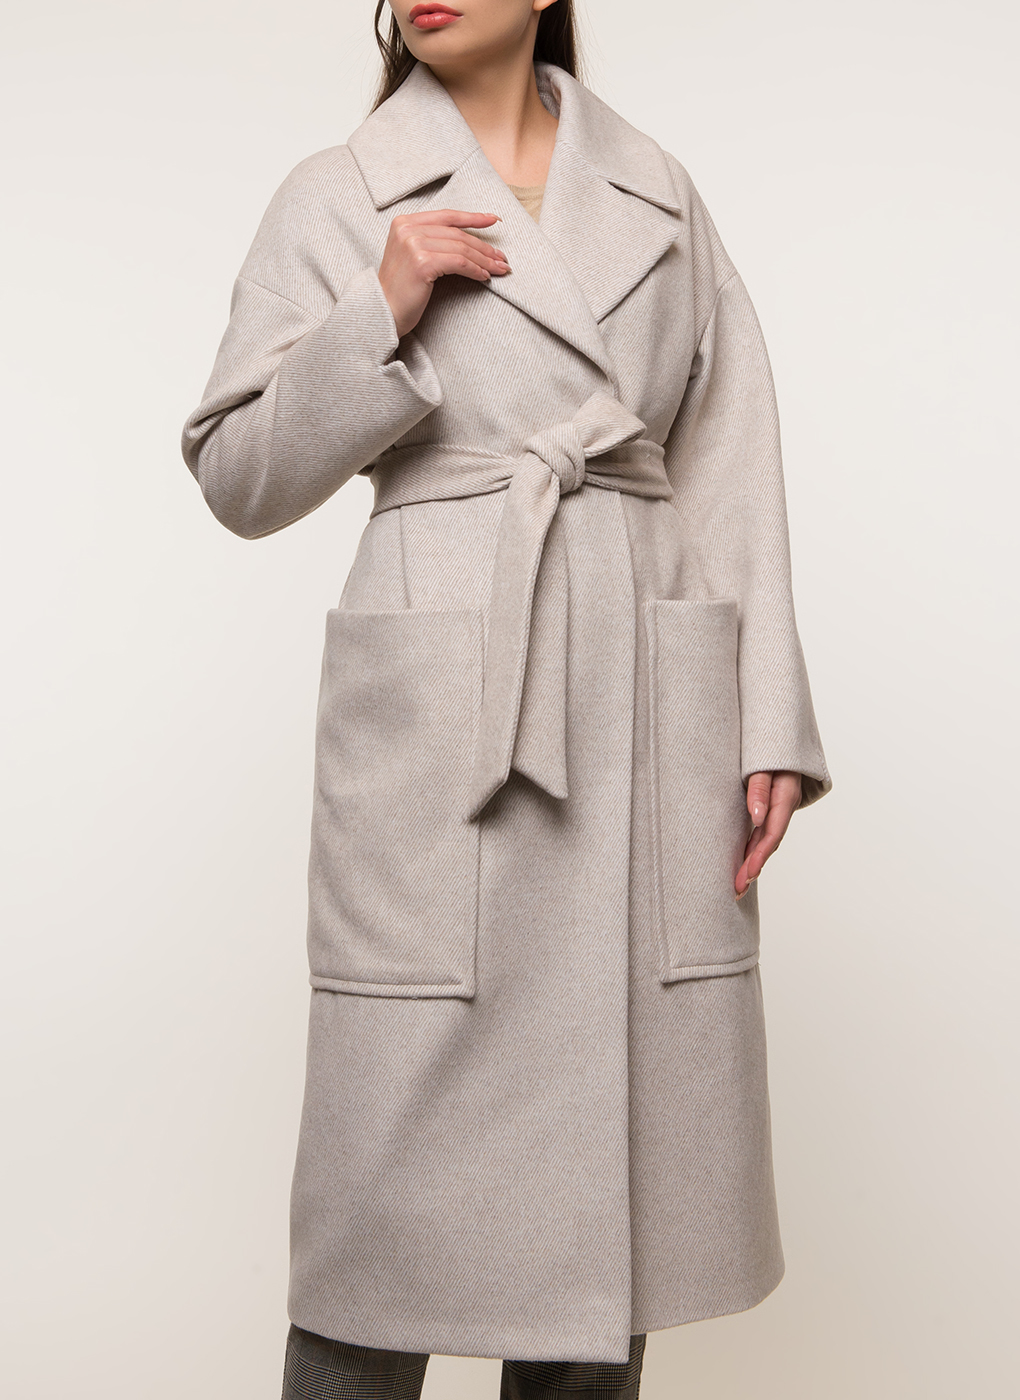 Пальто полушерстяное 167, КАЛЯЕВ фото